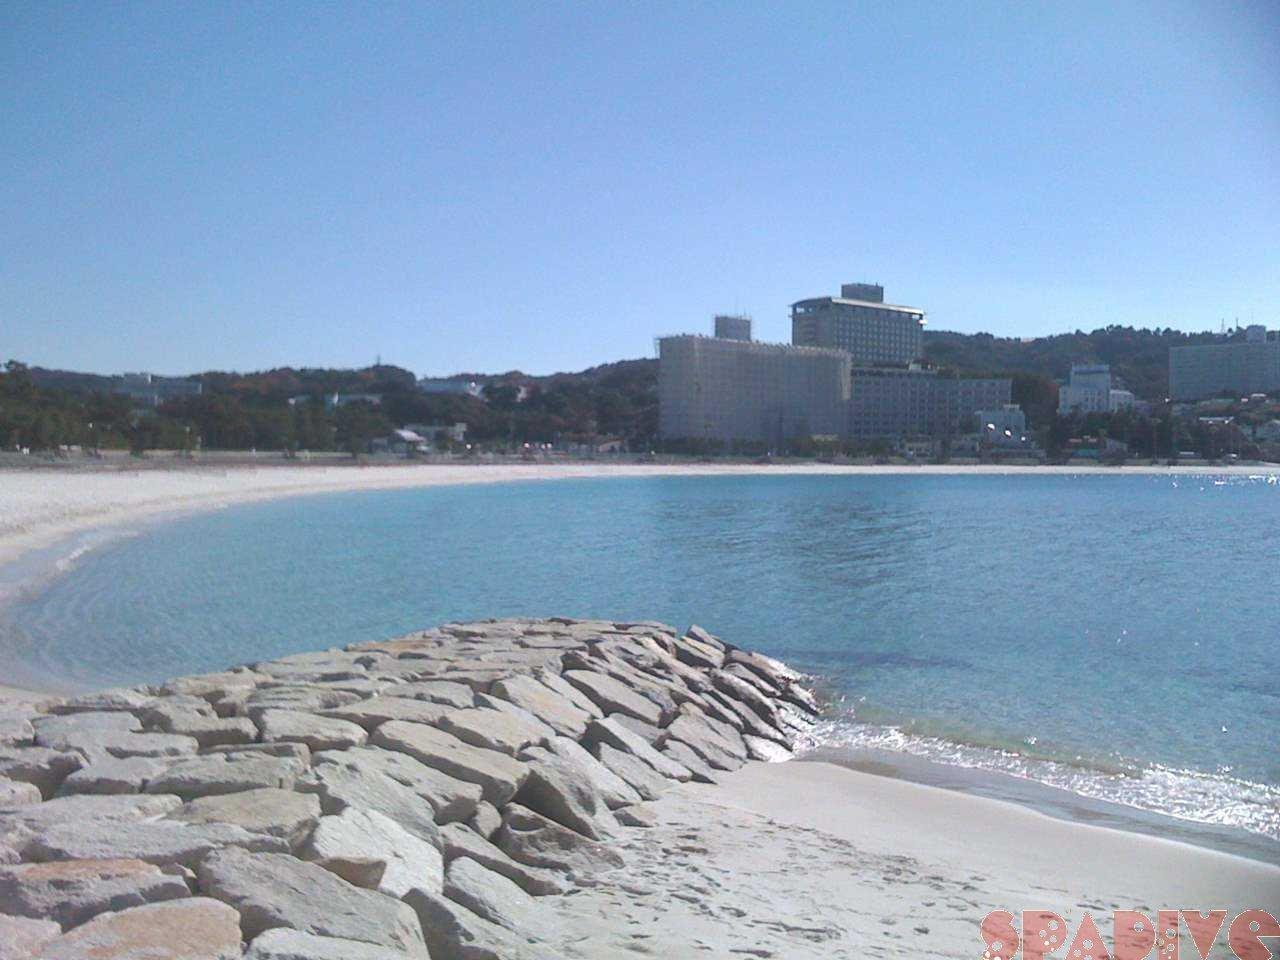 なんていい天気なんだ!12/19/2008